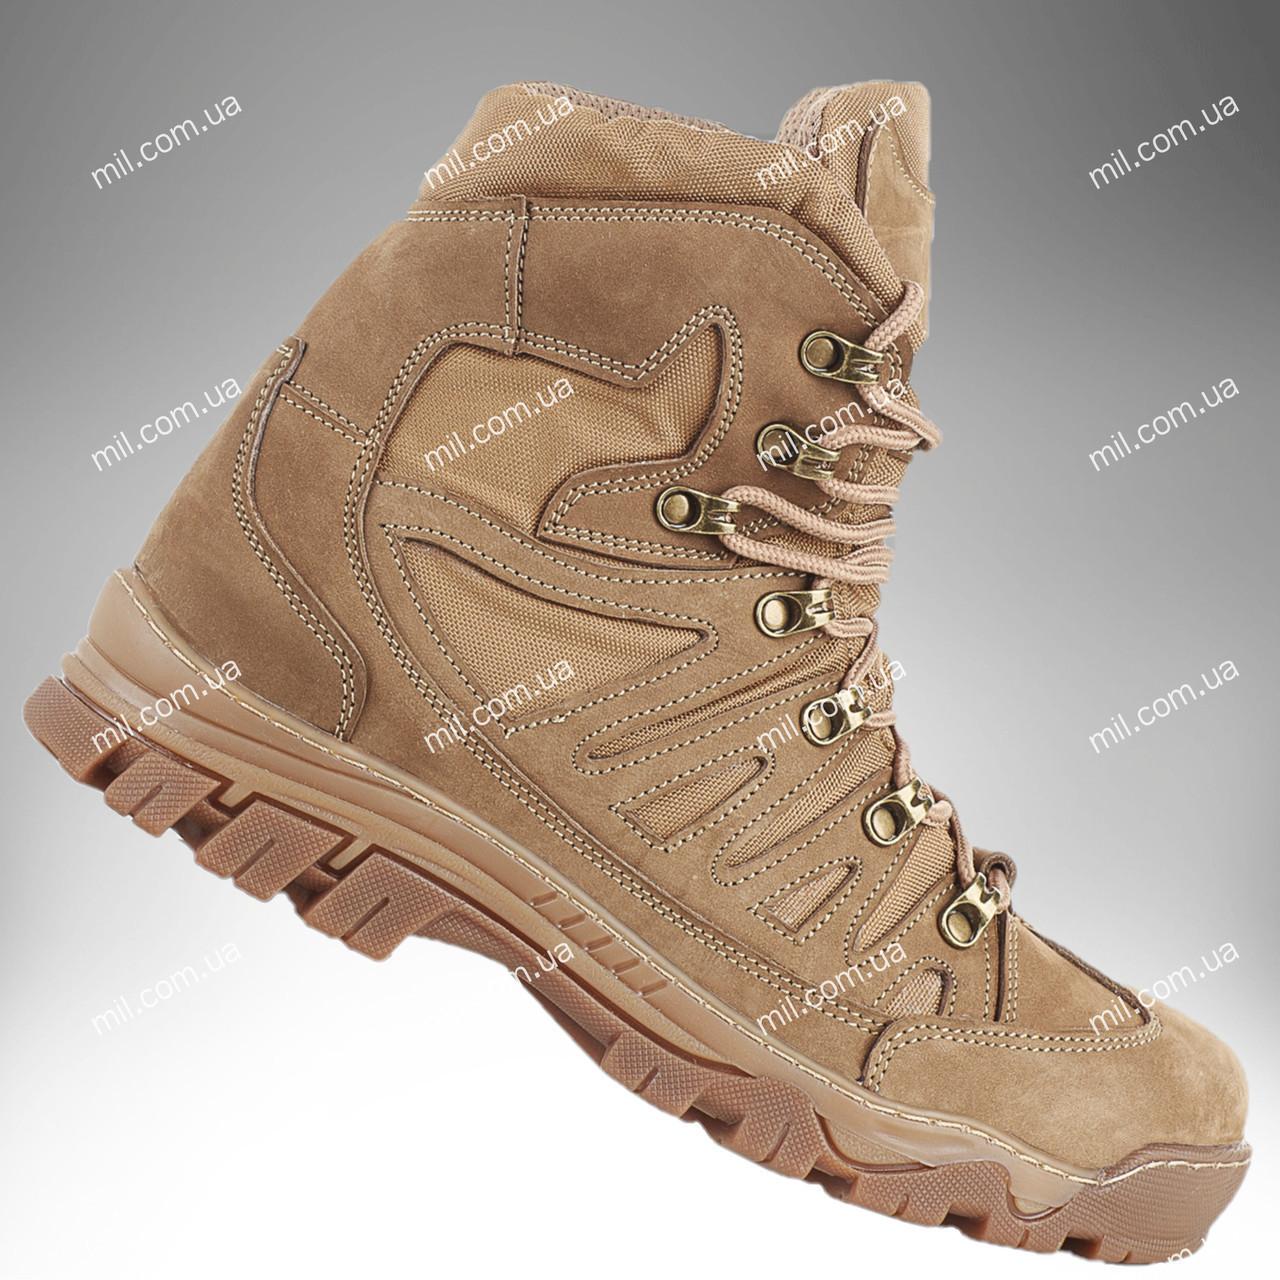 ⭐⭐Ботинки тактические демисезонные / военная, армейские обувь КАСКАД (coyote) | военная обувь, военные